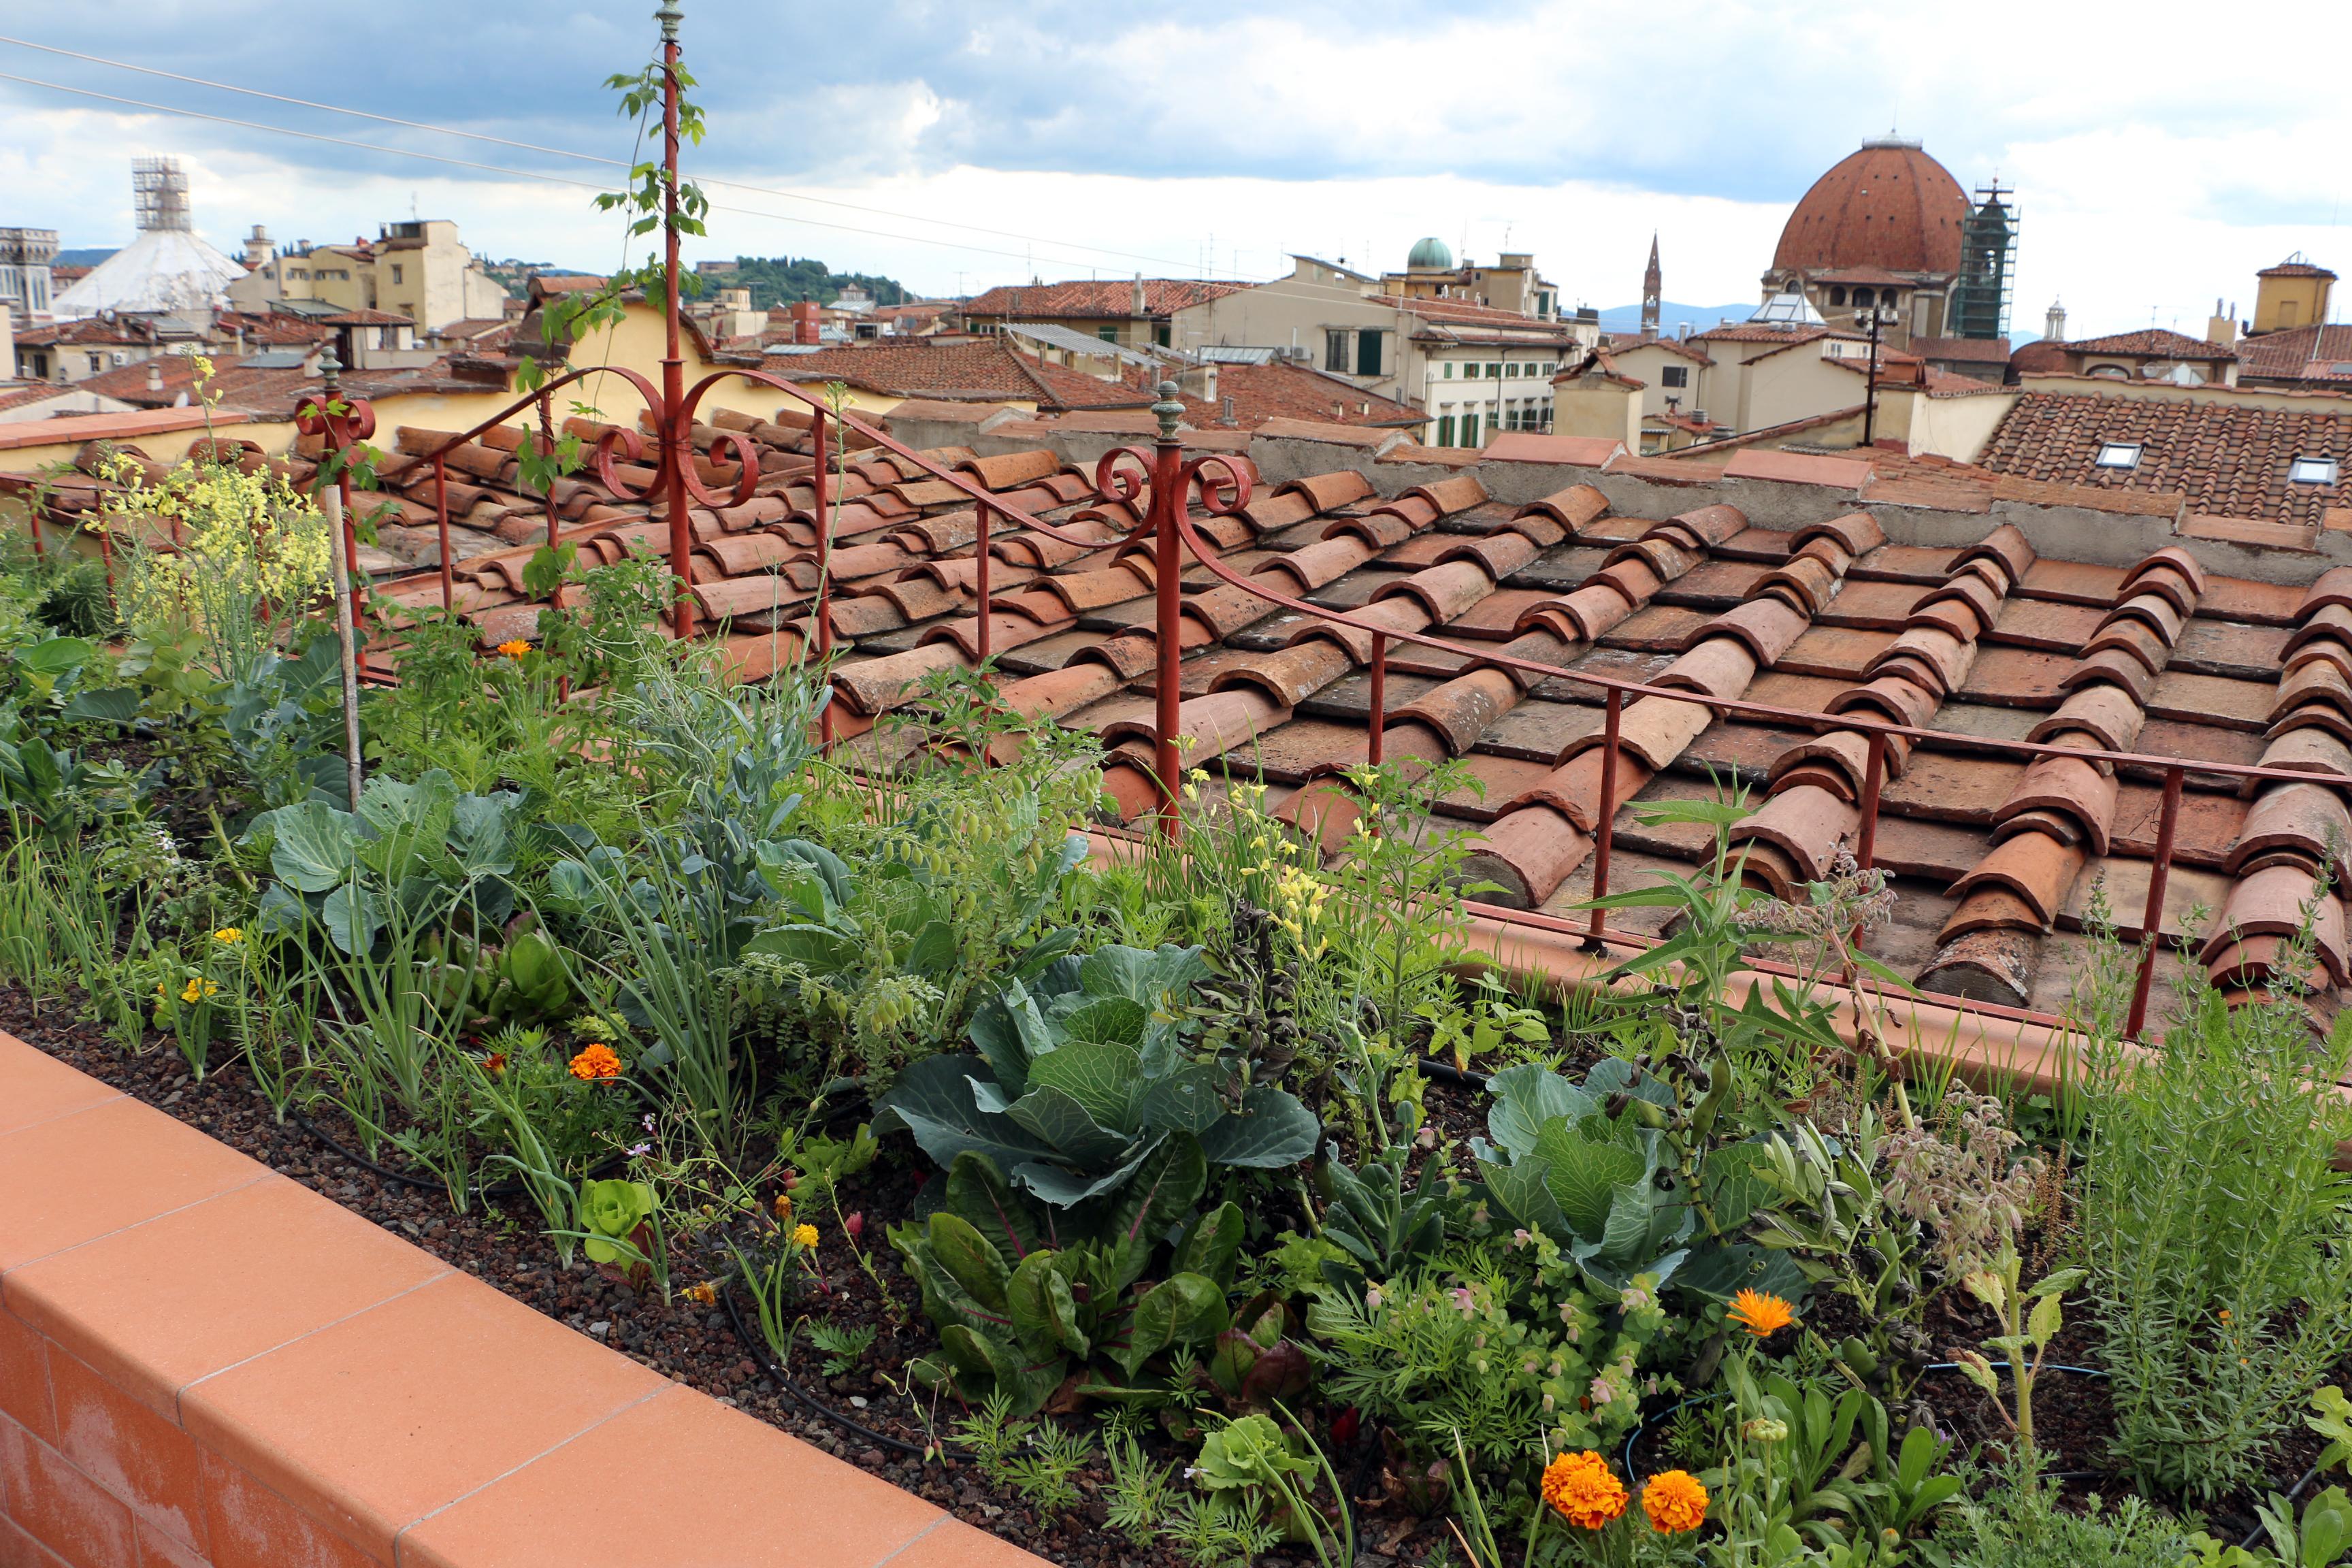 File:Palazzo pucci, corpo centrale, orti biologici sulla terrazza ...